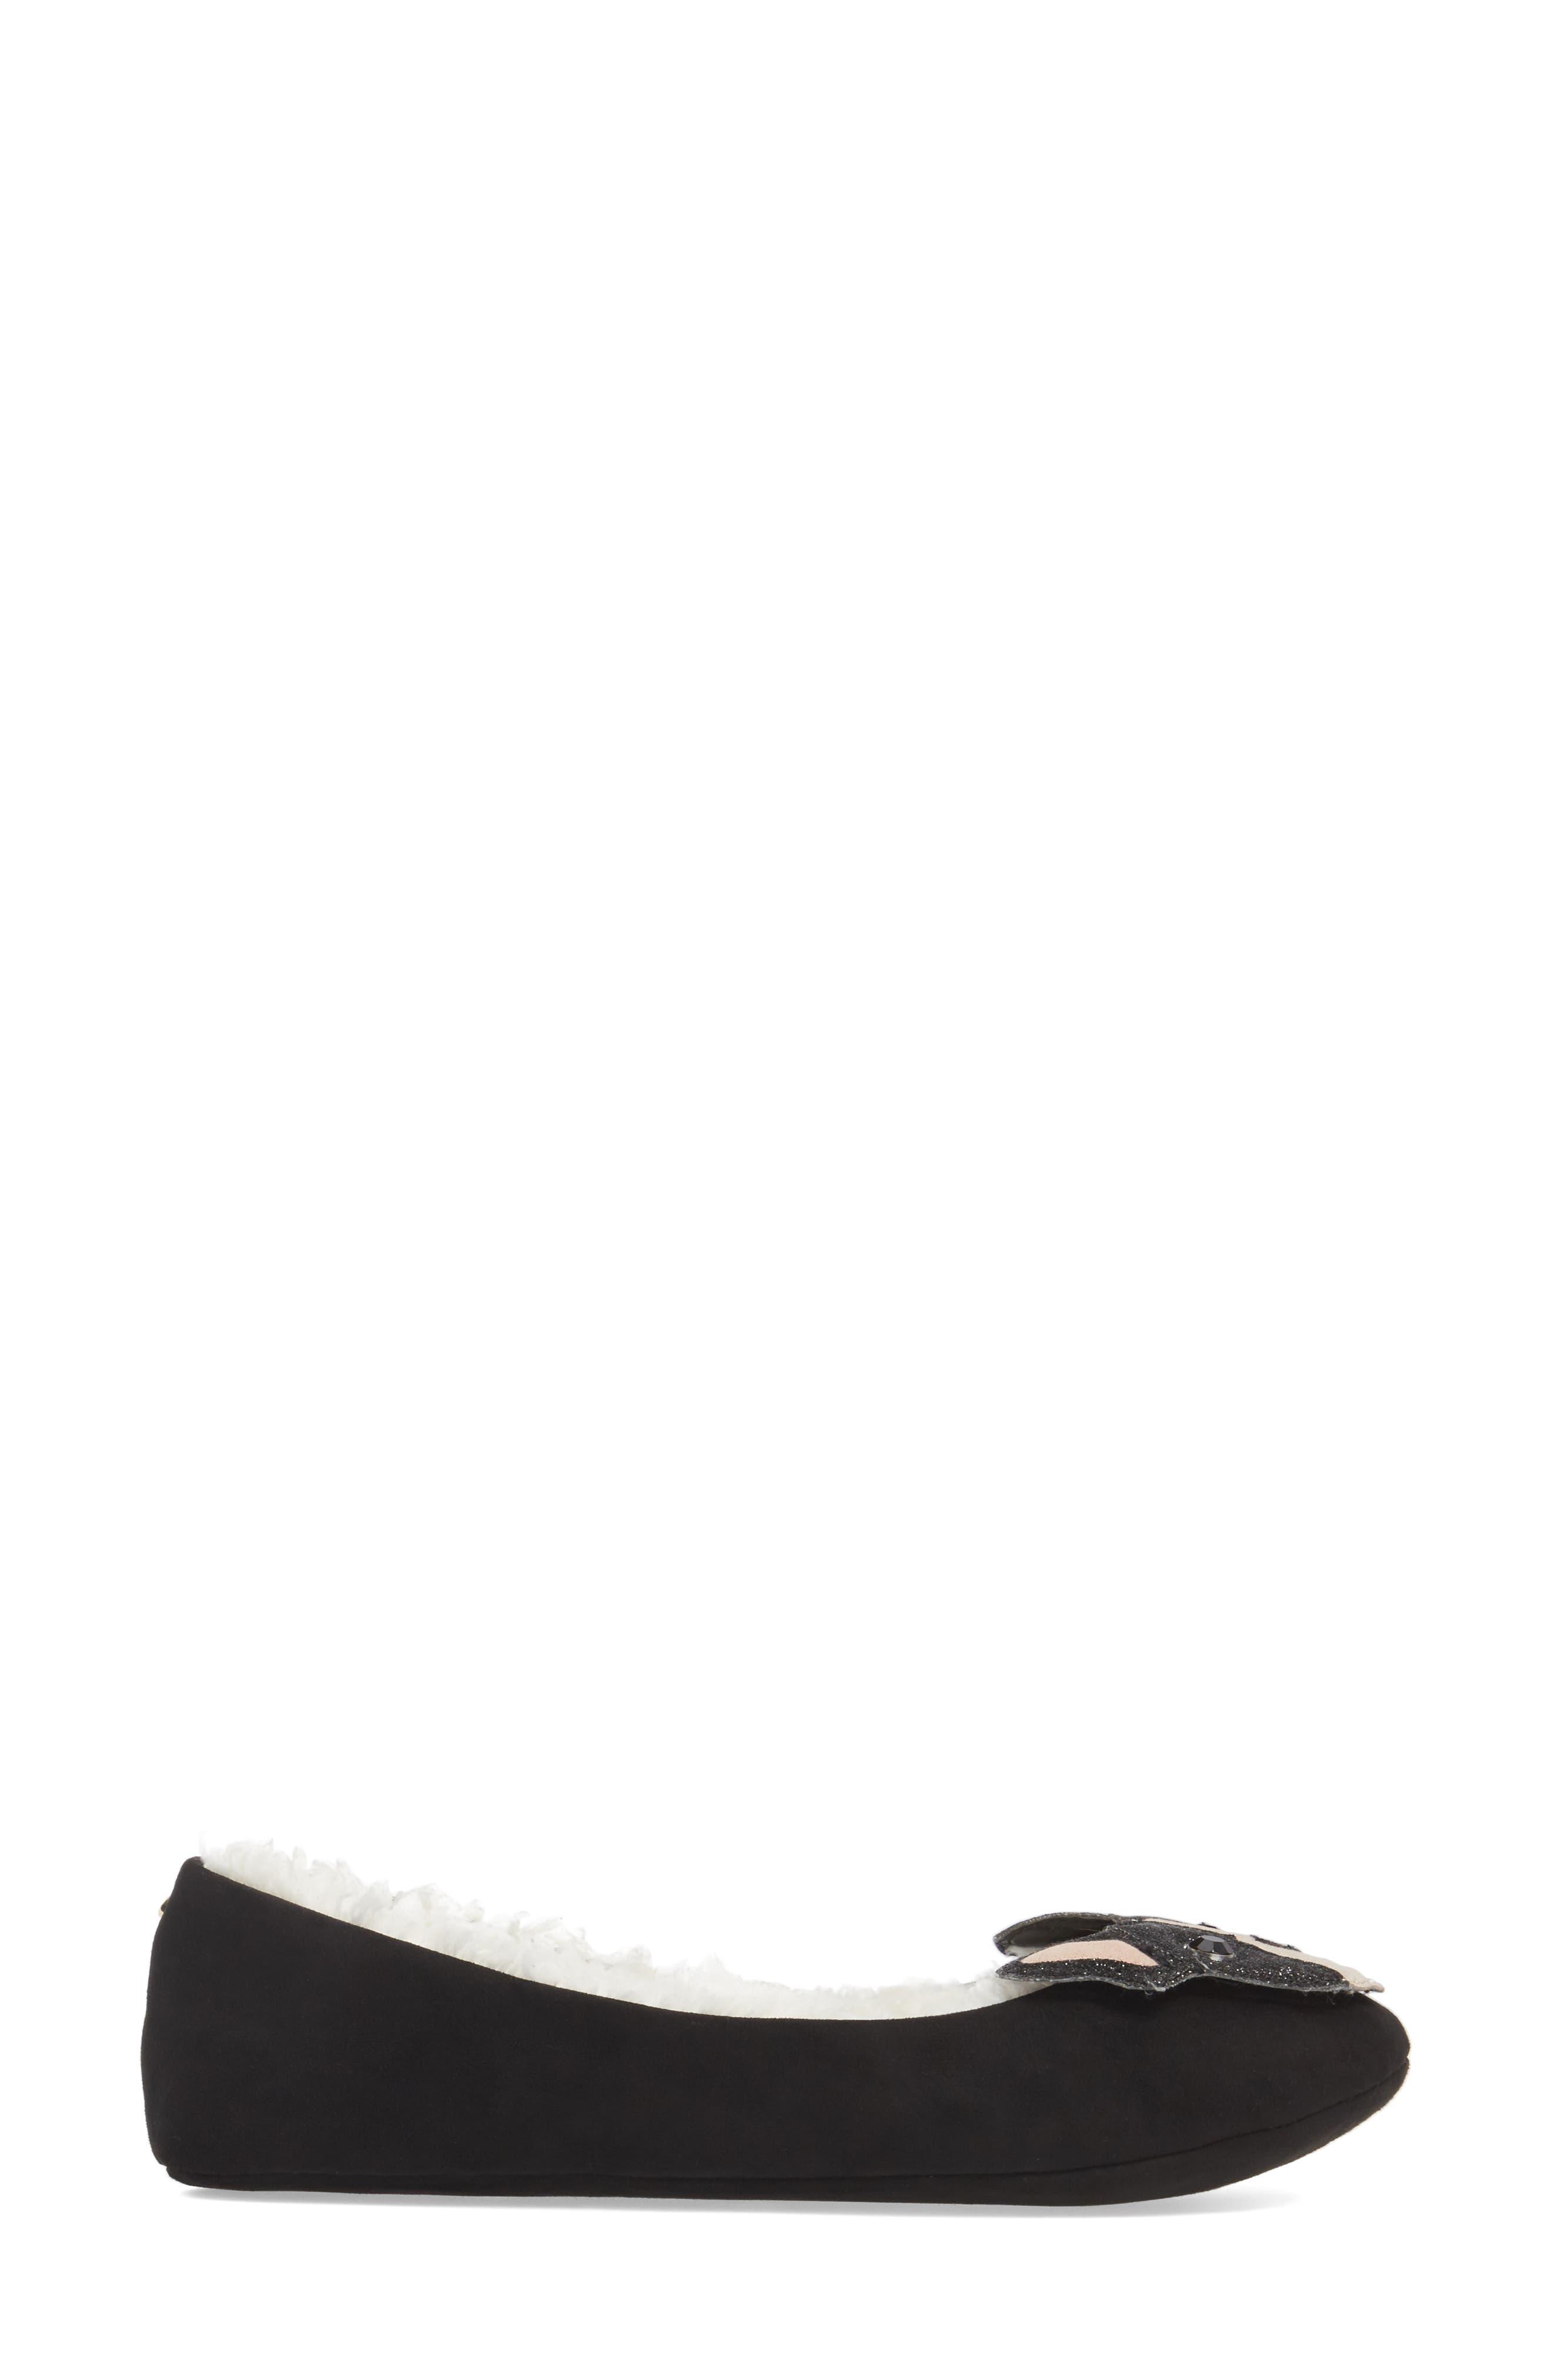 Alternate Image 3  - kate spade new york seymour slipper (Women)